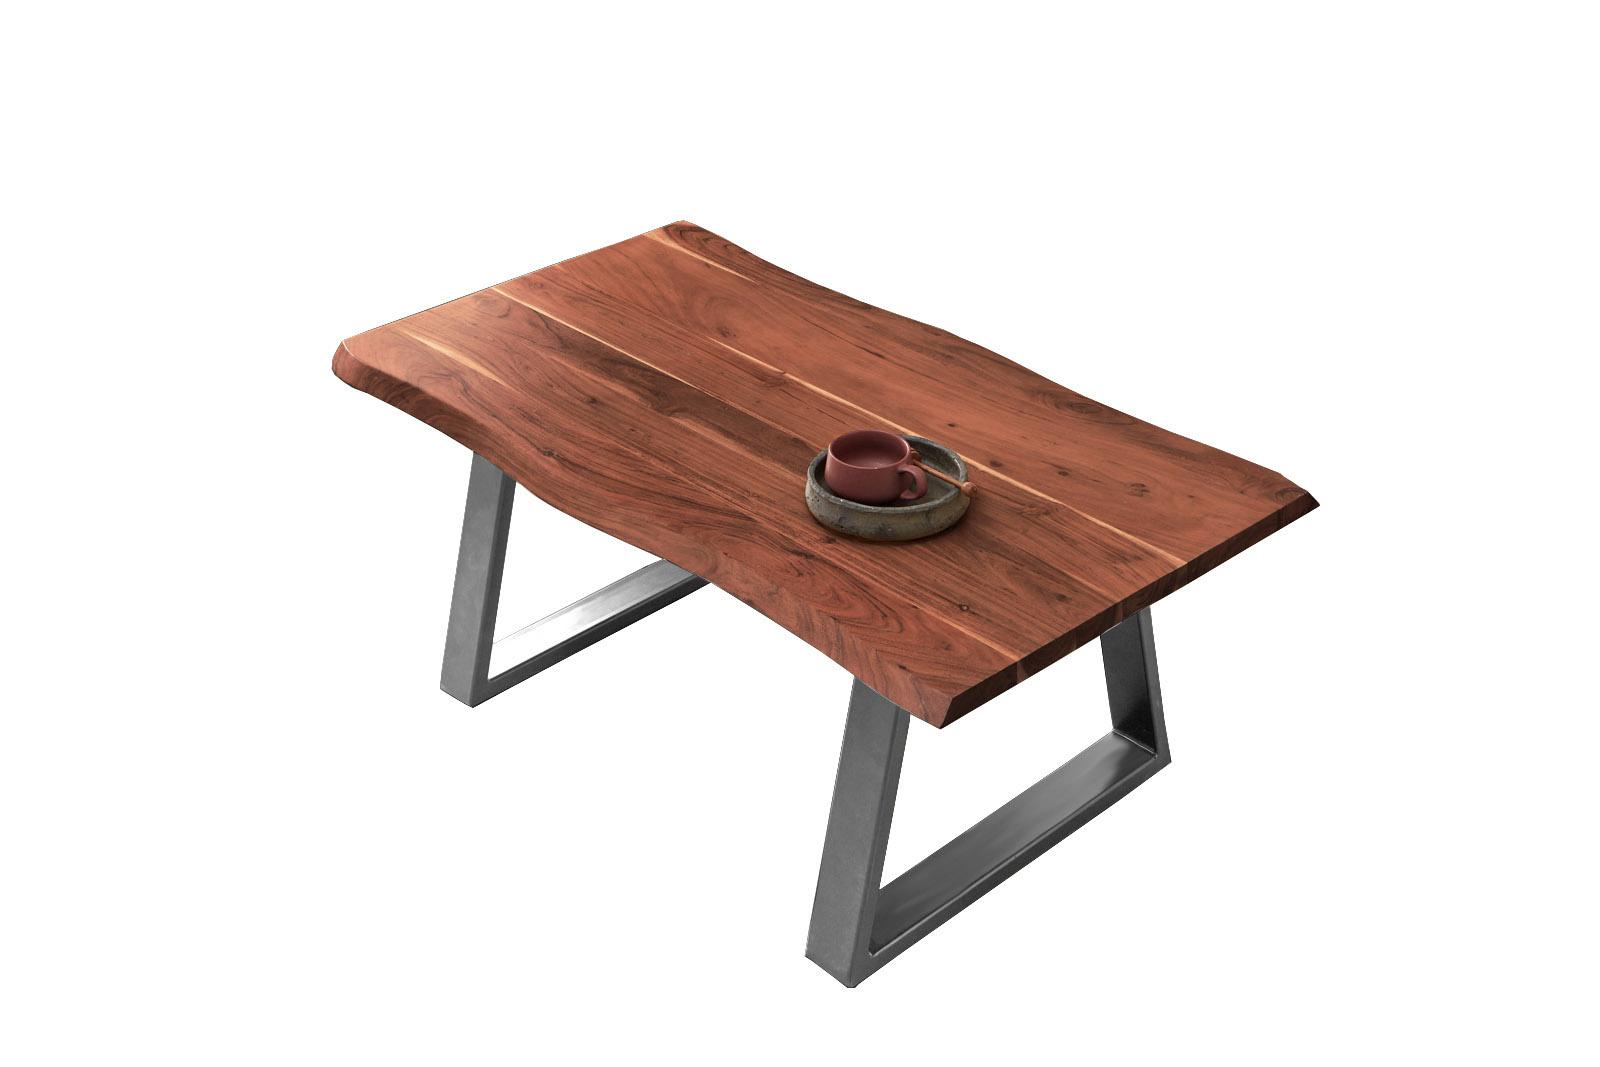 Couchtisch Baumkante 120x70 cm Akazie nussbaumfarben silber MATTEO